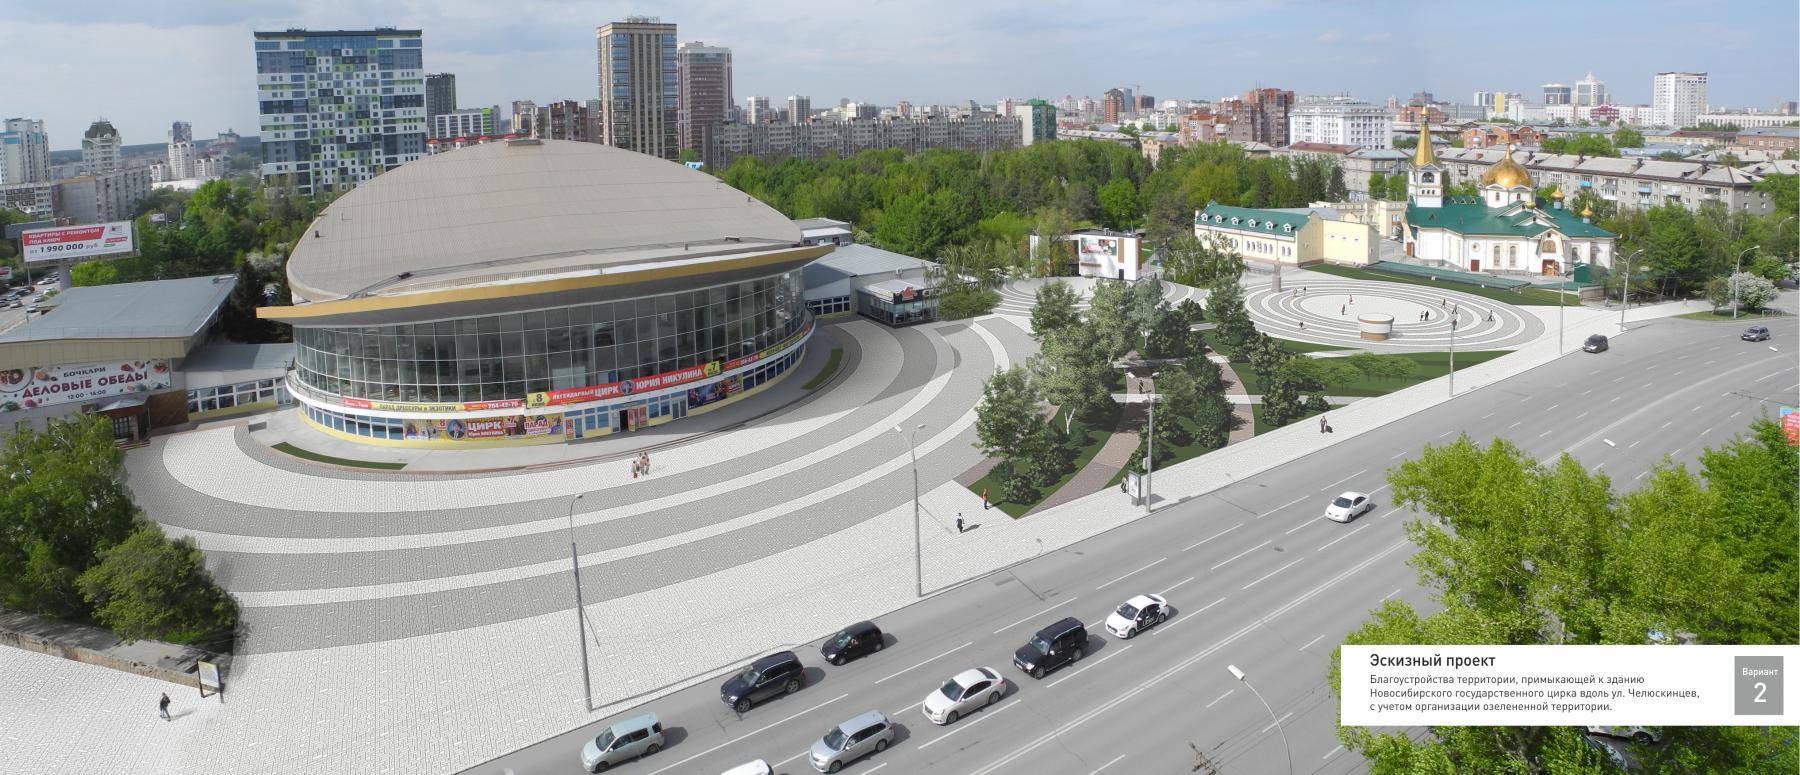 Фото Мэрия Новосибирска предлагает выбрать между сквером и платной парковкой возле цирка 3